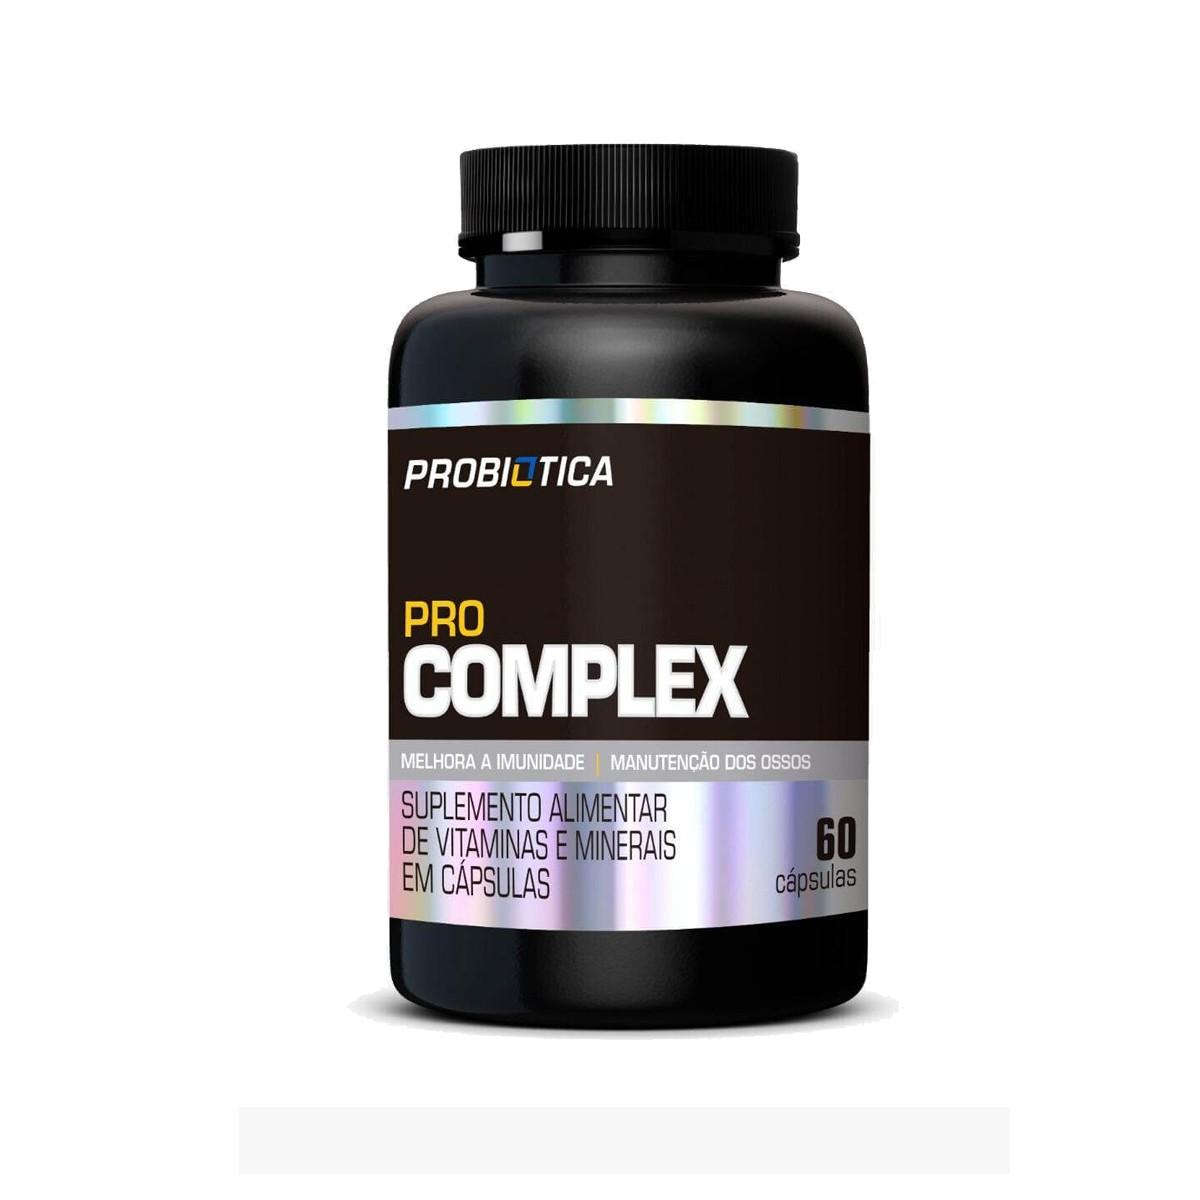 Pro Complex 60 Cápsulas - Probiotica